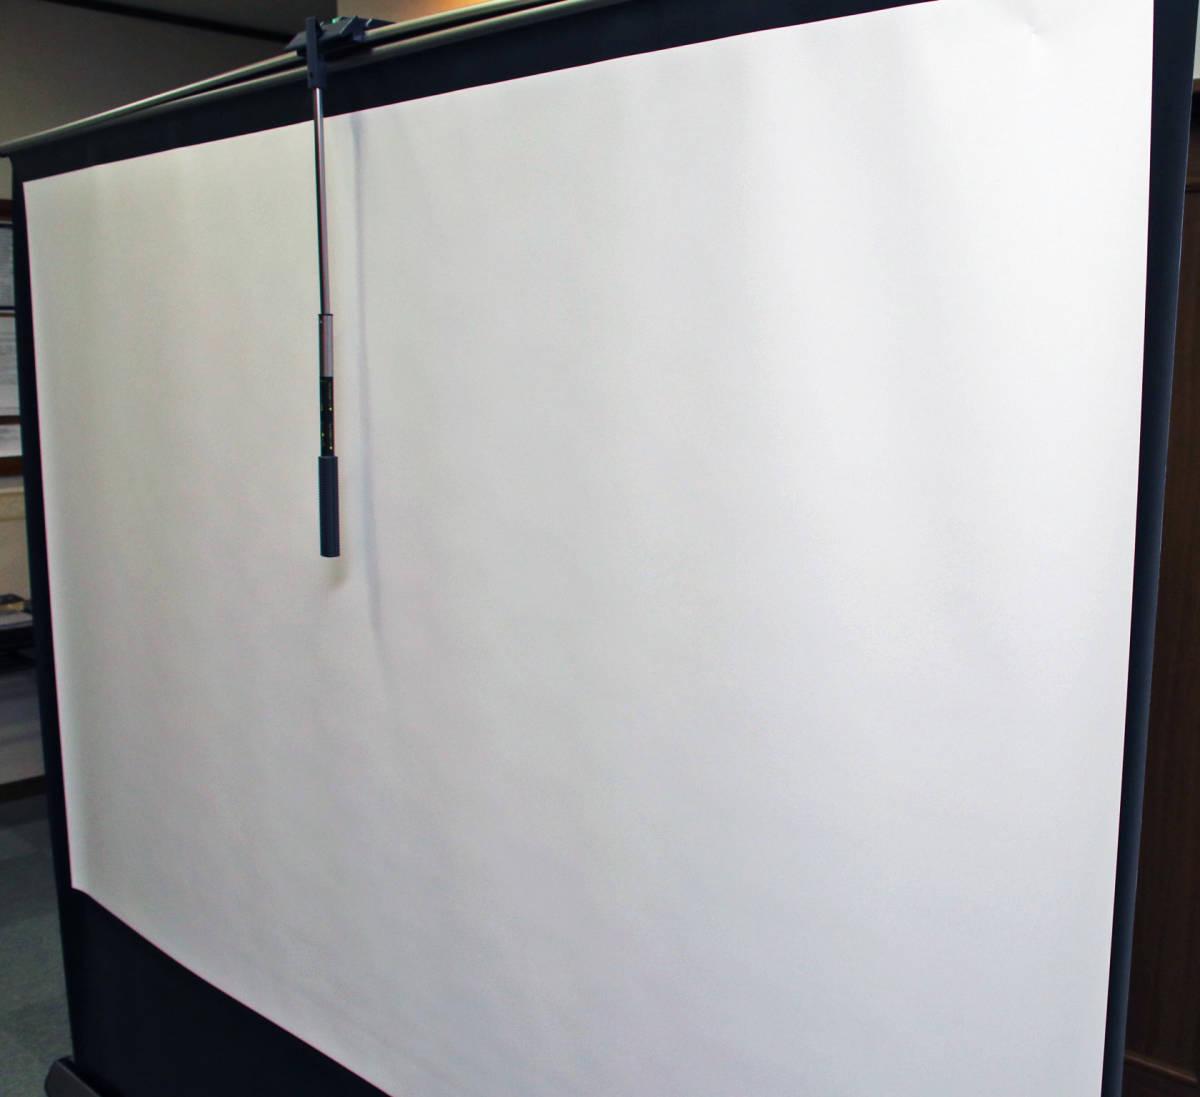 100インチ スクリーン IZUMI-KOSMO 「RS-100V」 プロジェクター_画像6